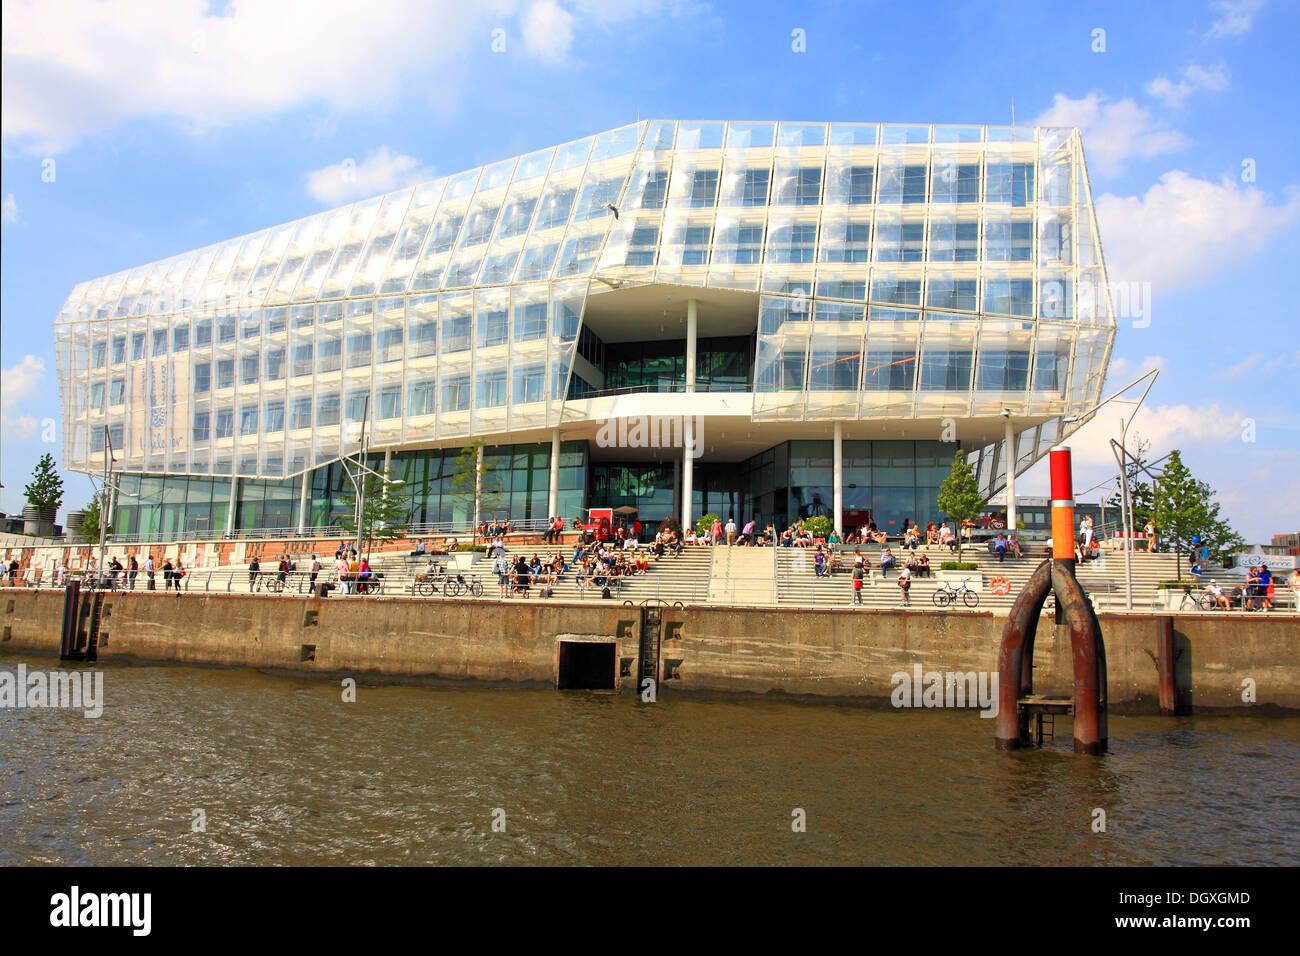 Unilever House, HafenCity quarter, Hamburg, PublicGround - Stock Image